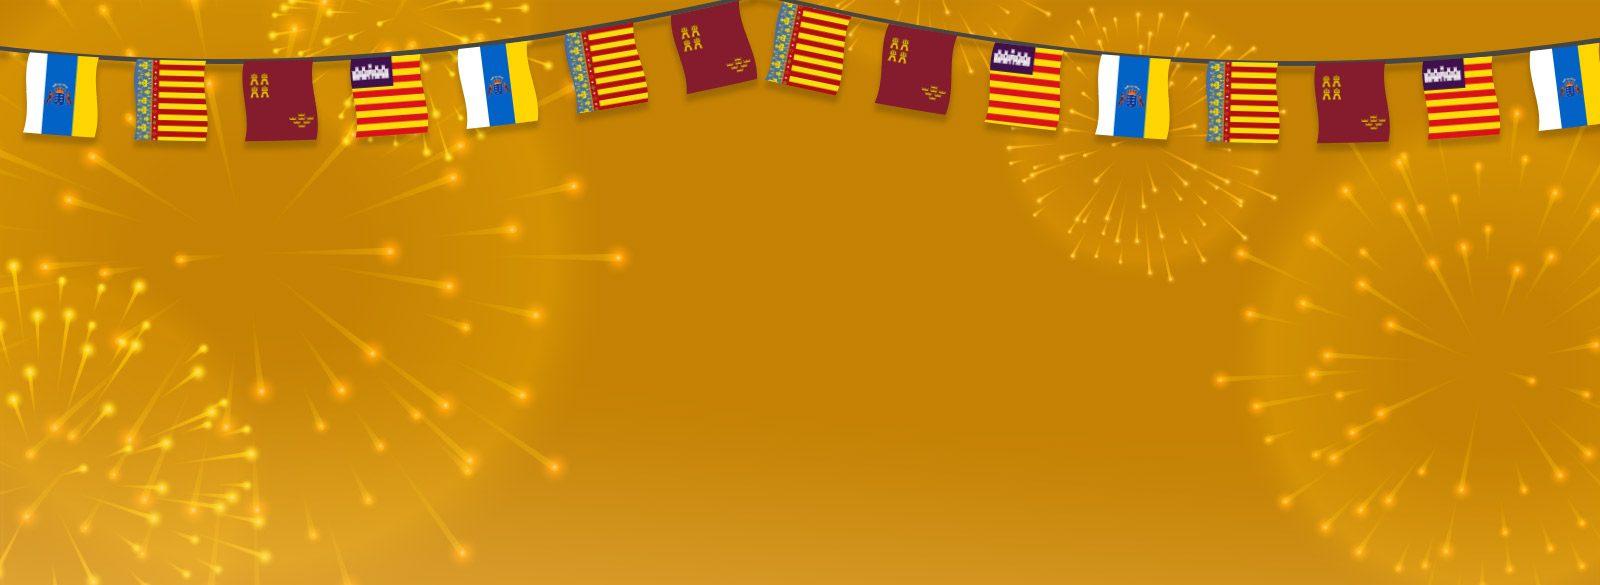 Fiestas de agosto en Levante, Baleares y Canarias: sol, mar y grandes vinos